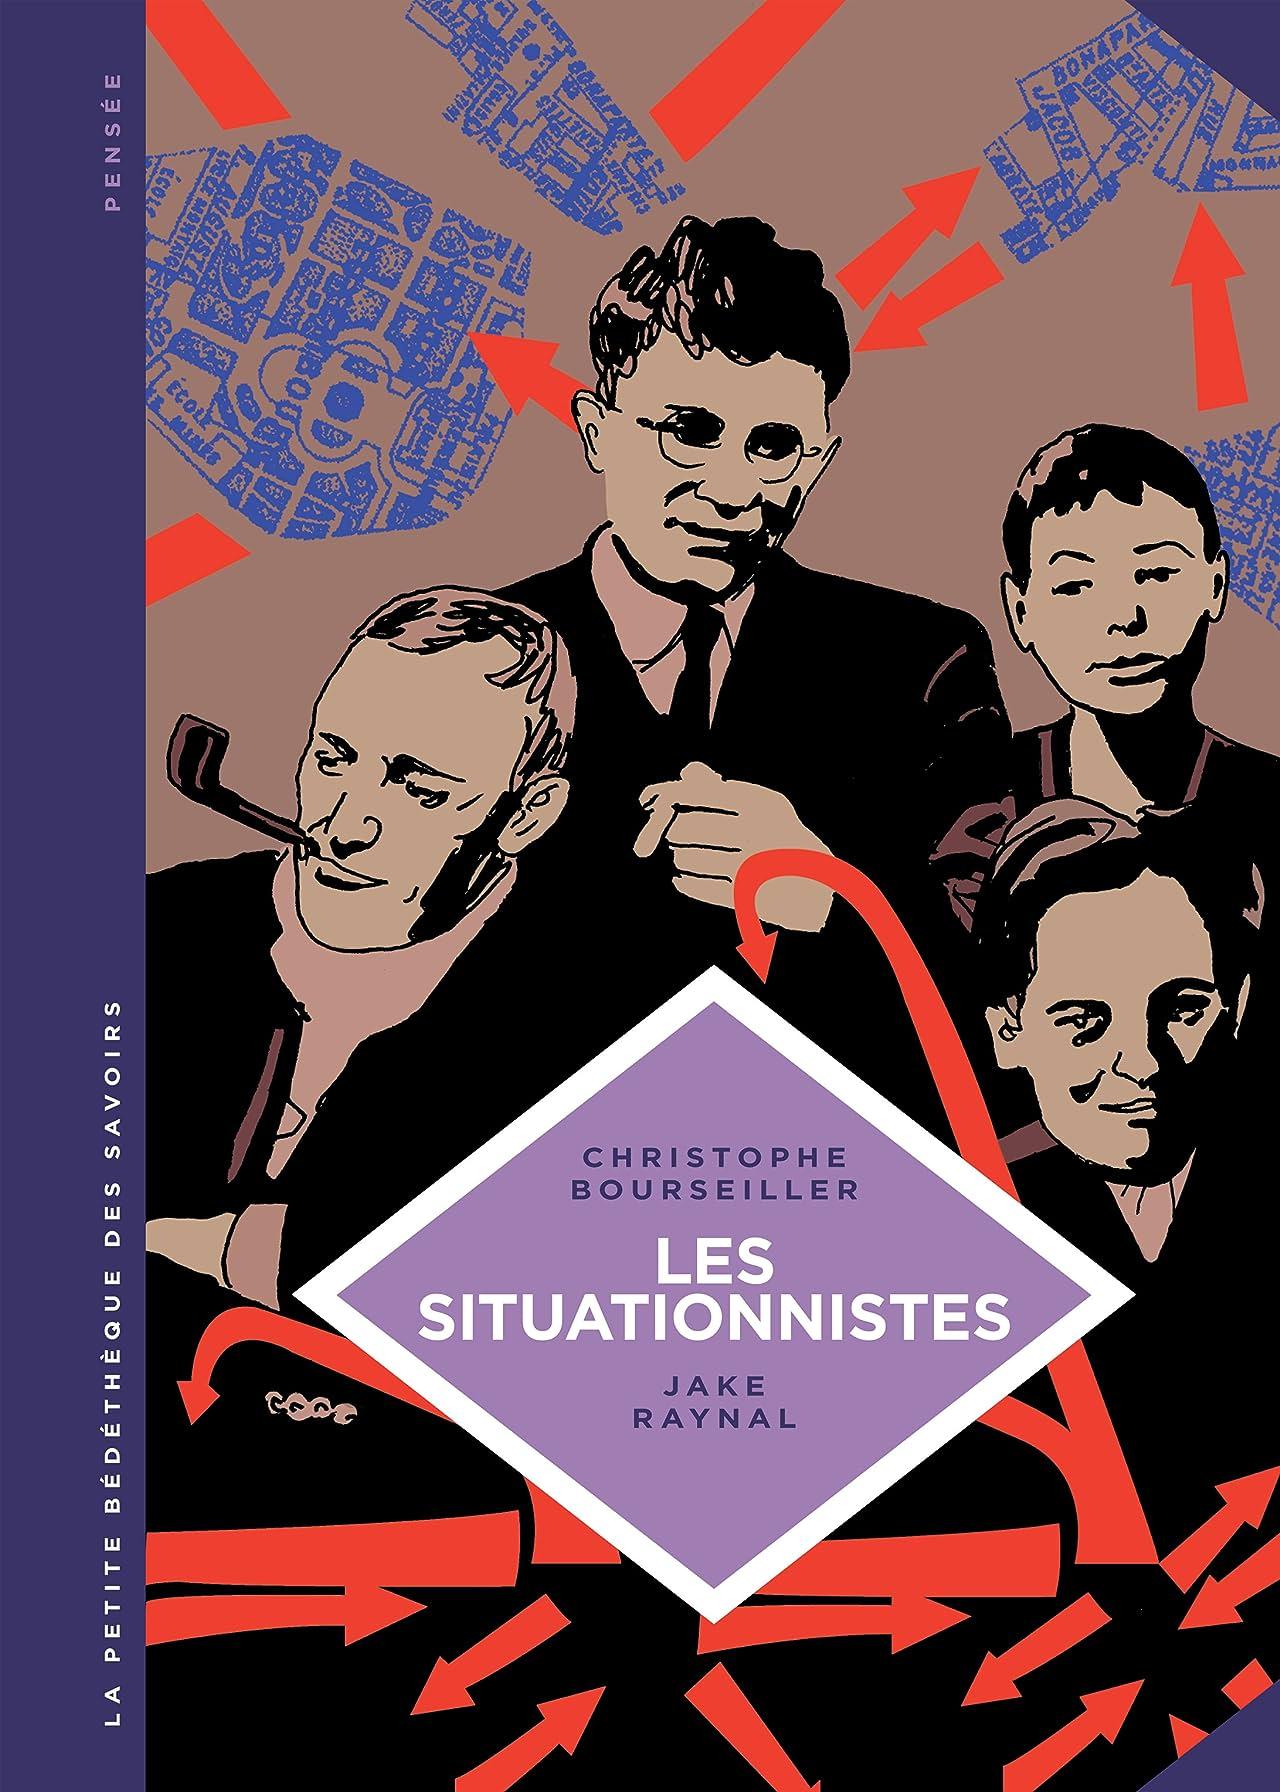 La petite Bédéthèque des Savoirs Vol. 13: Les situationnistes